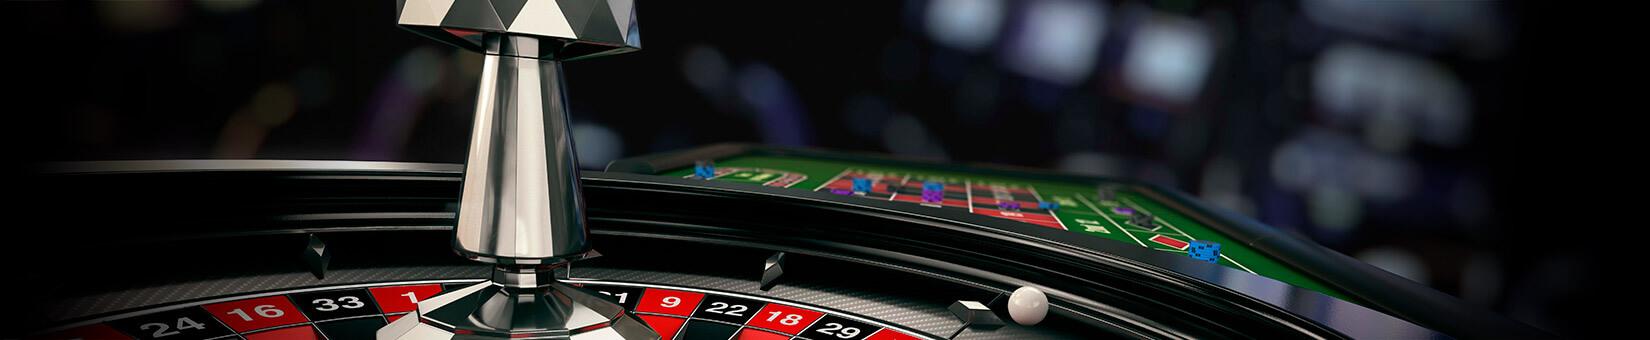 Glosario de poker tanto en casino físicos-863455